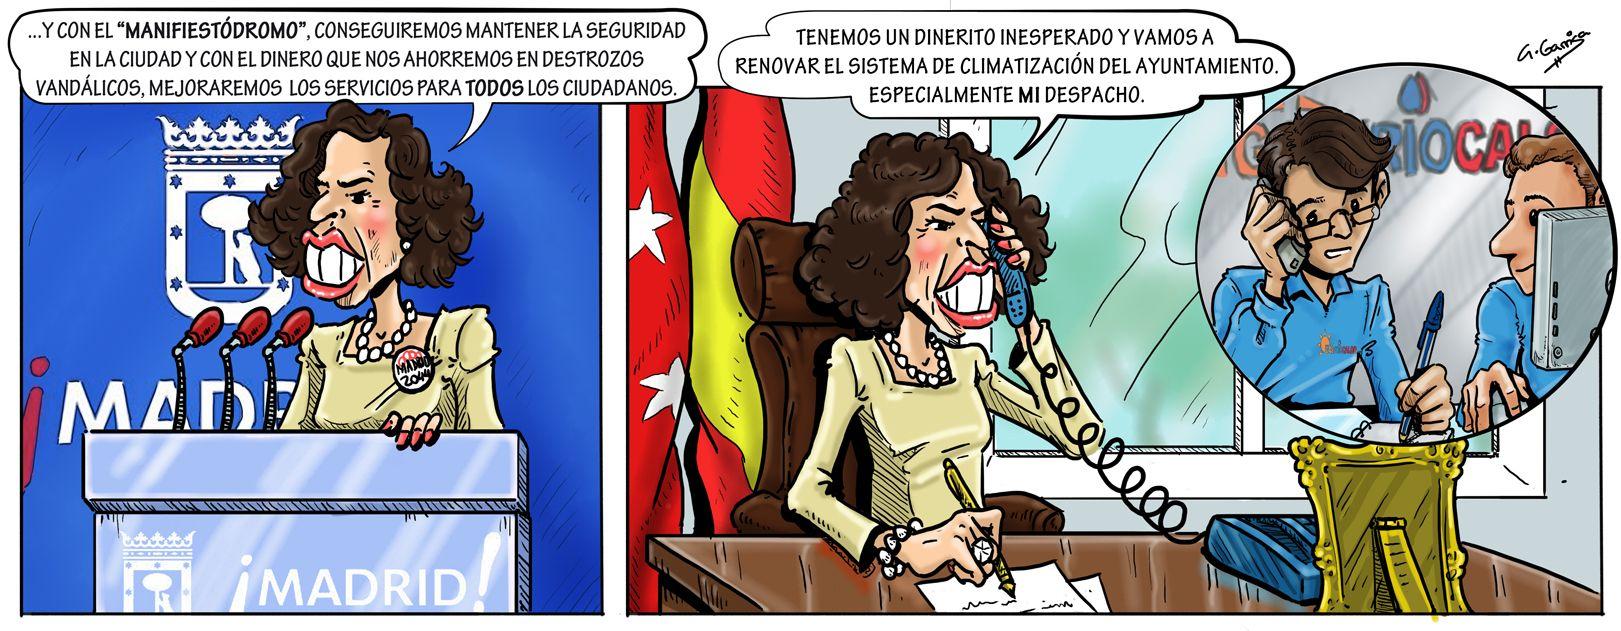 Ana Botella anuncia... ¿El manifiestódromo?